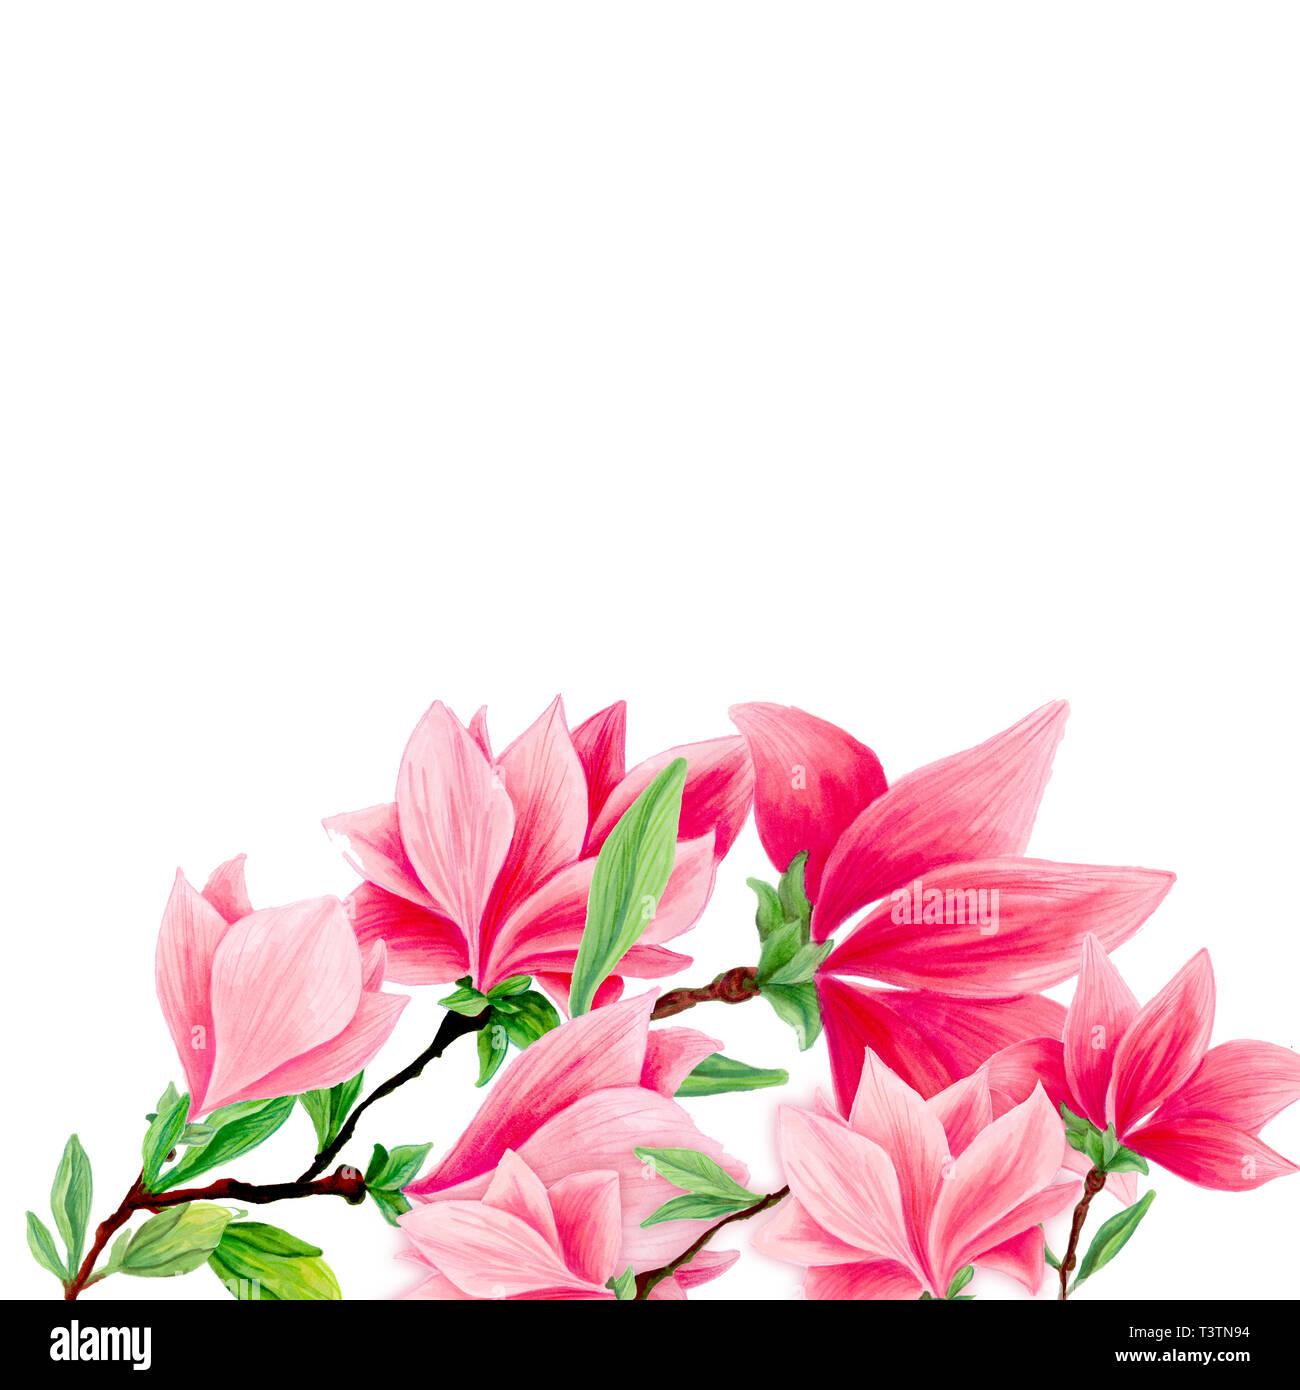 Magnolia hand drawn illustration. Maison de vacances de printemps de ...